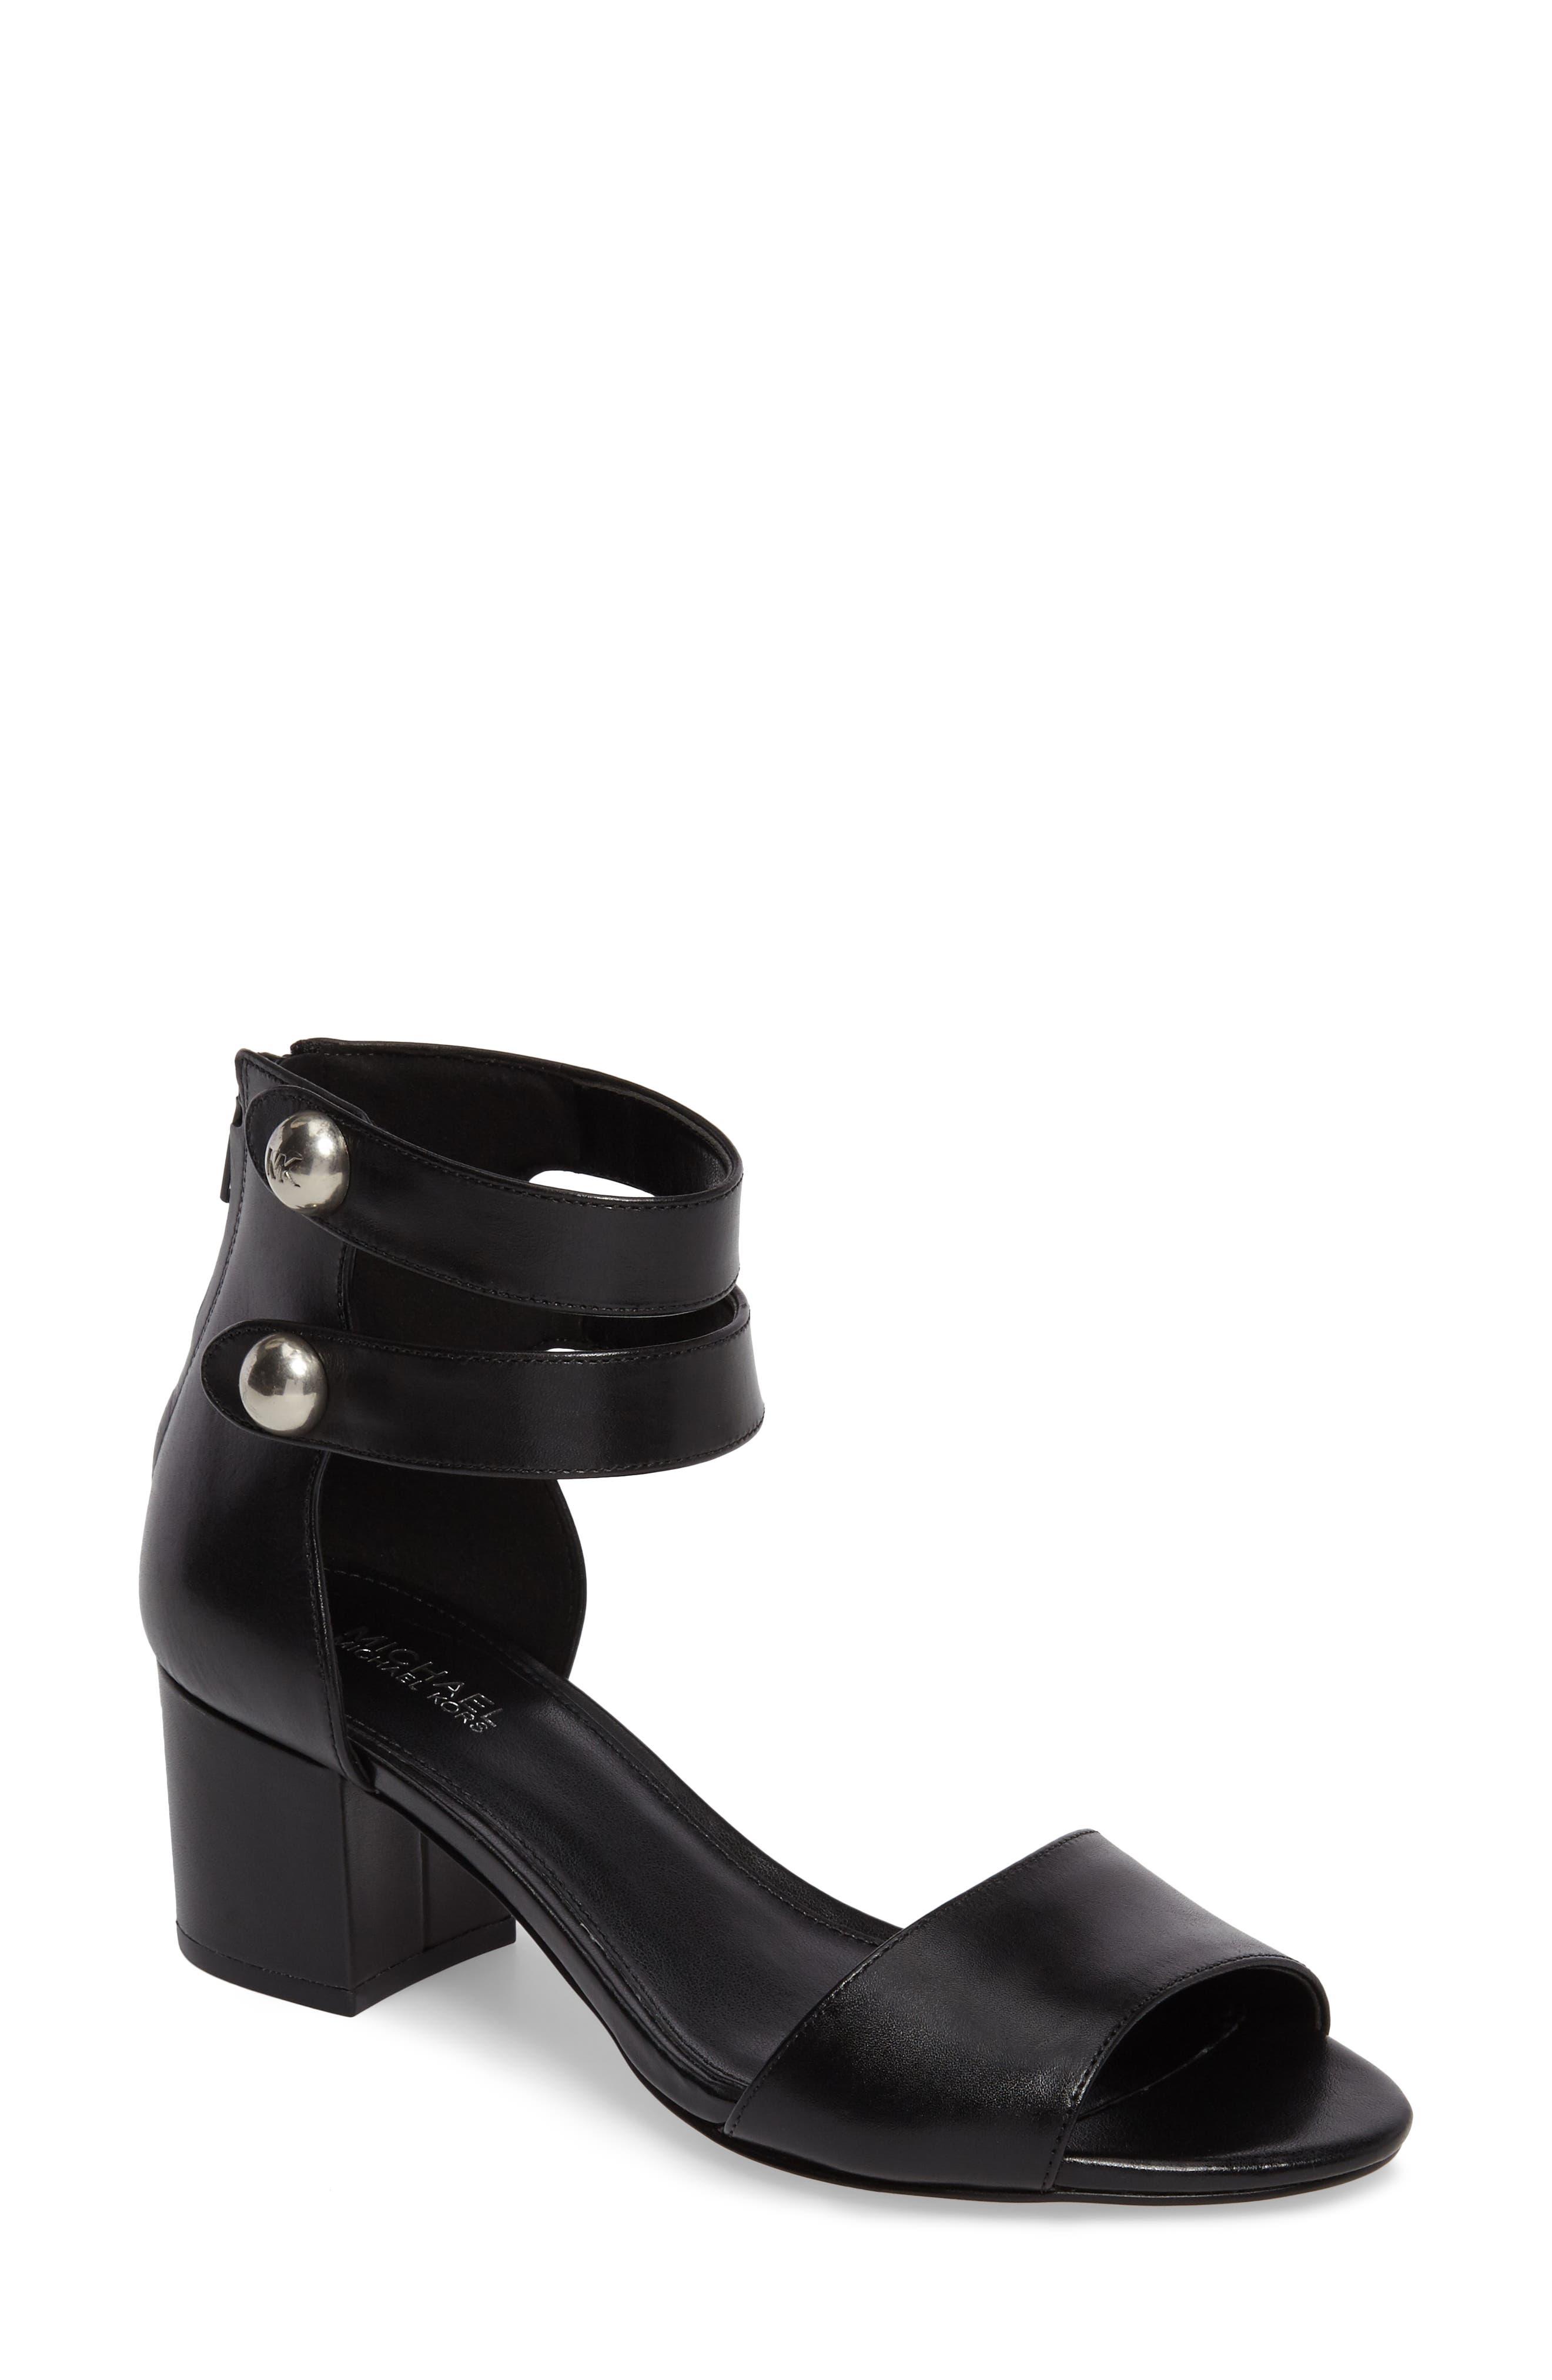 Maisie Sandal,                         Main,                         color, Black